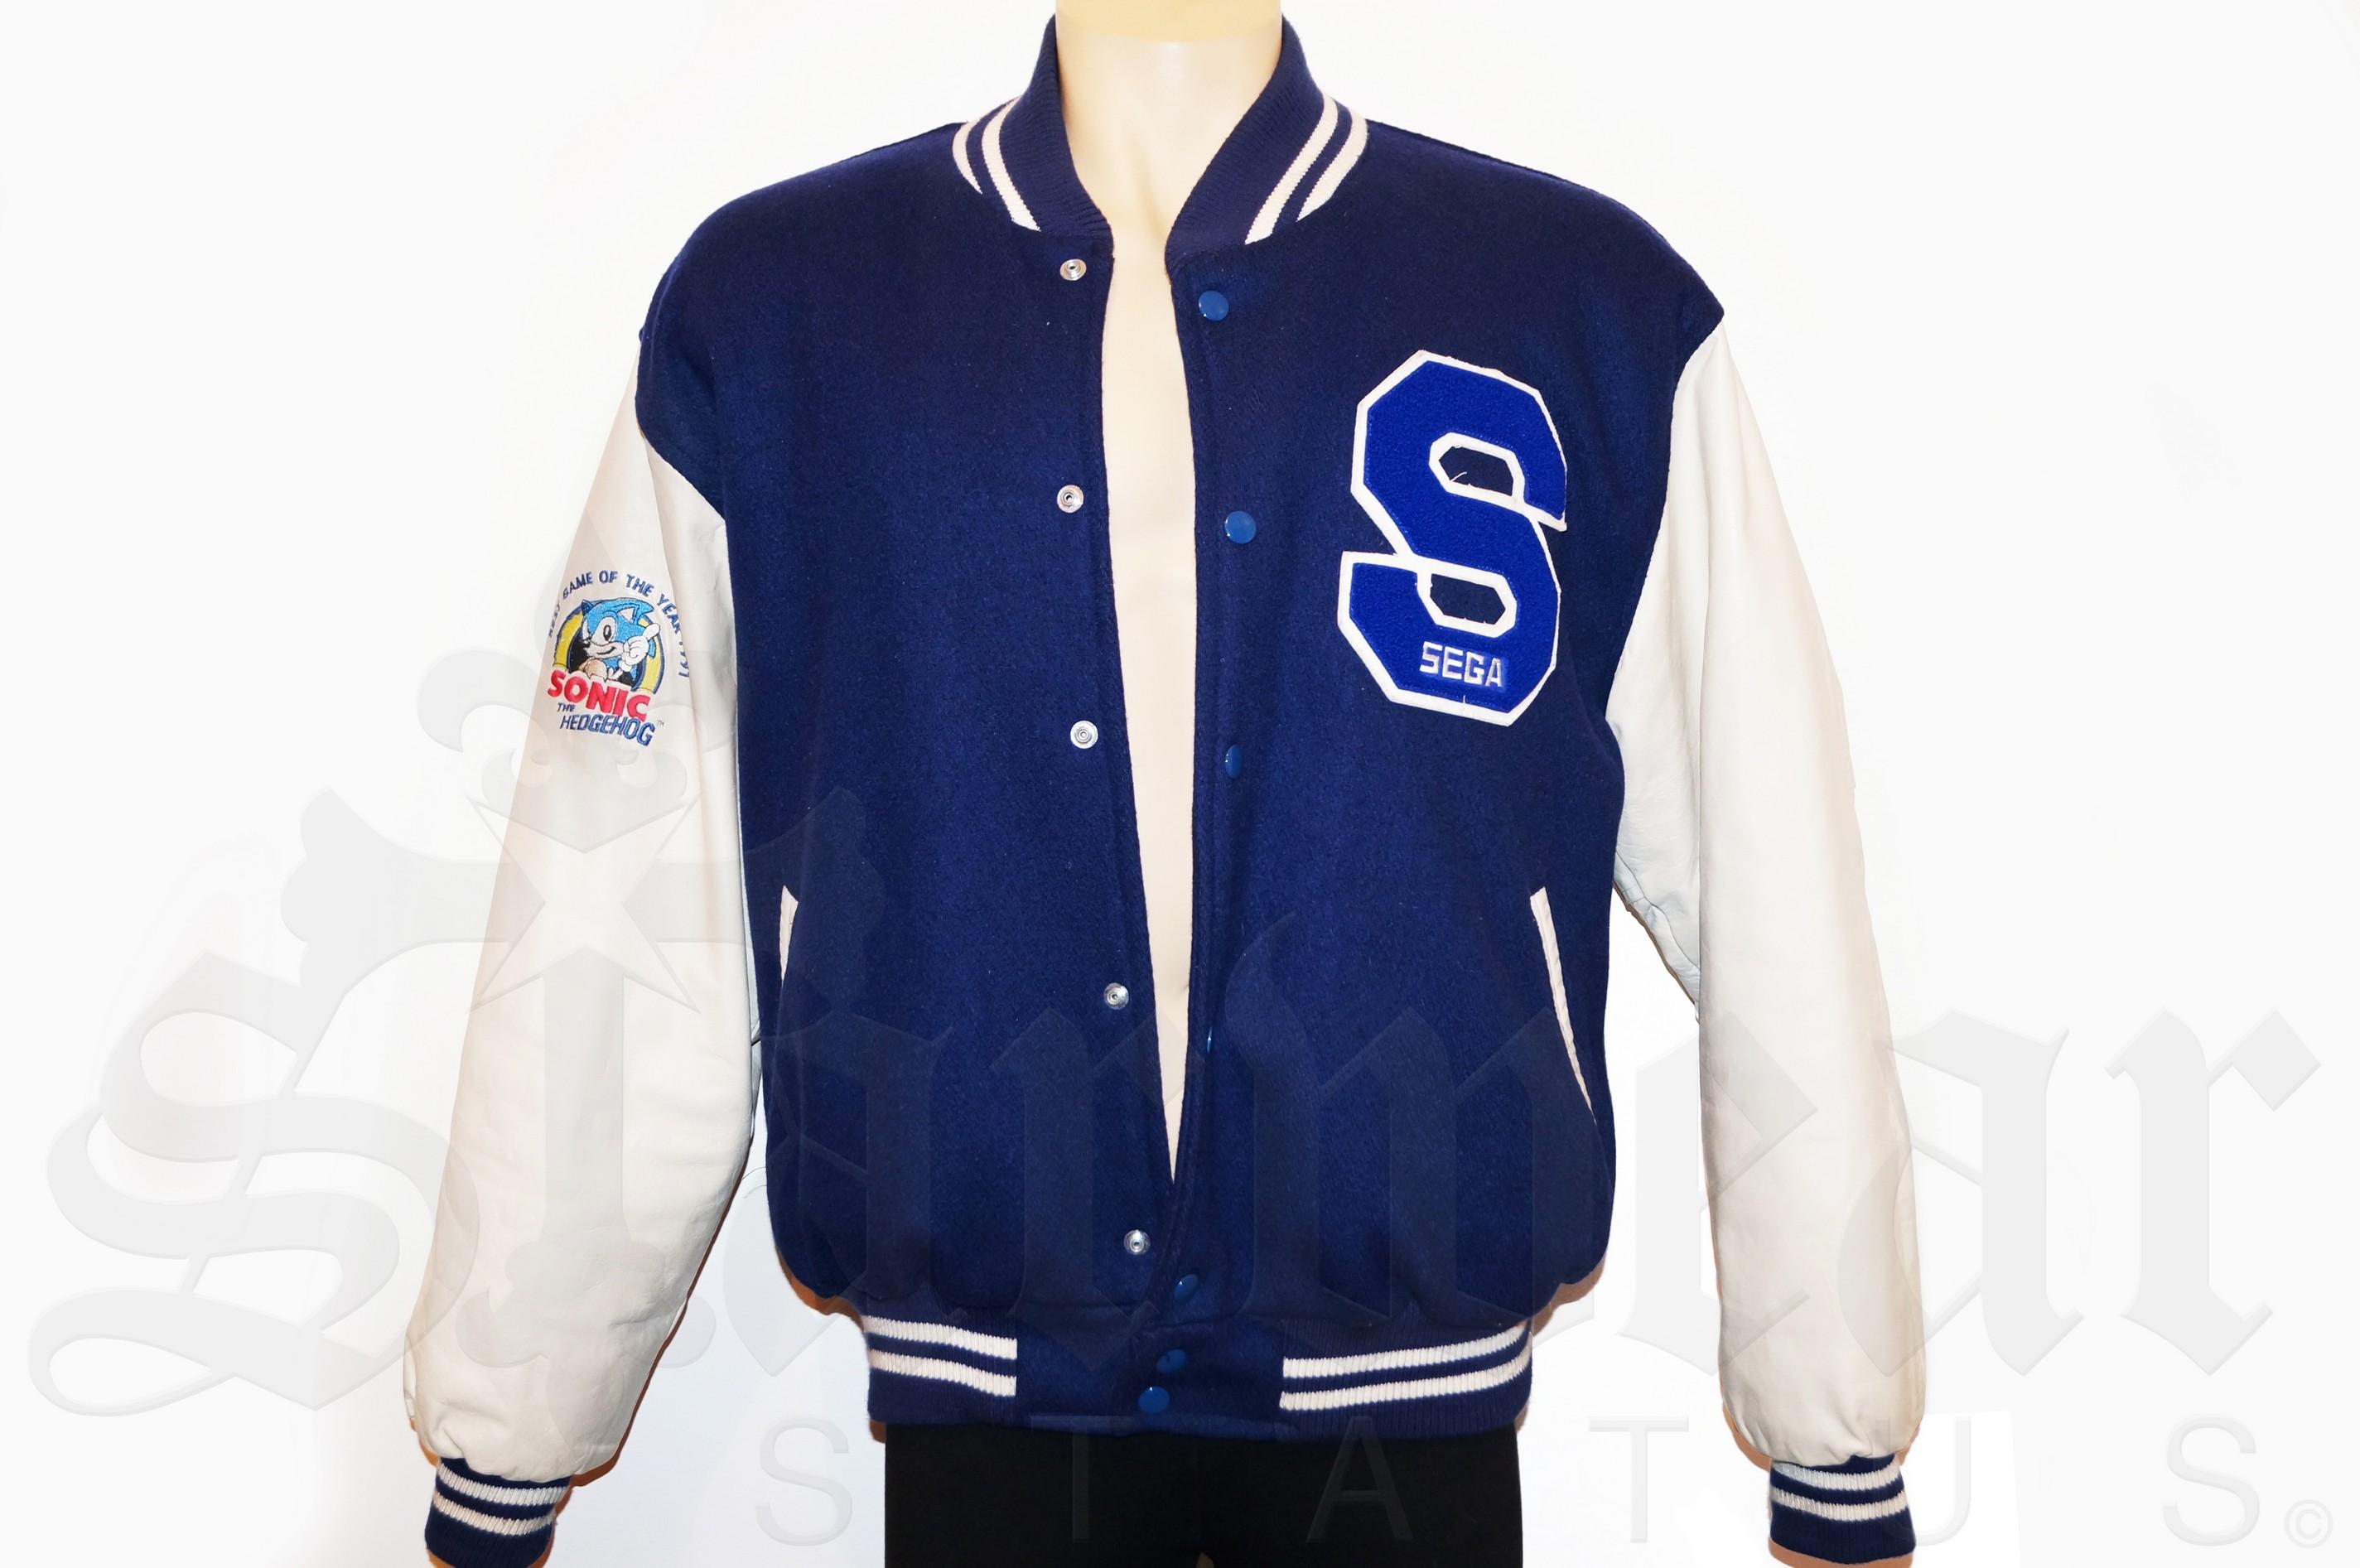 Raiders Varsity Jacket | La Raiders Jacket | Los Angeles Raiders Jacket